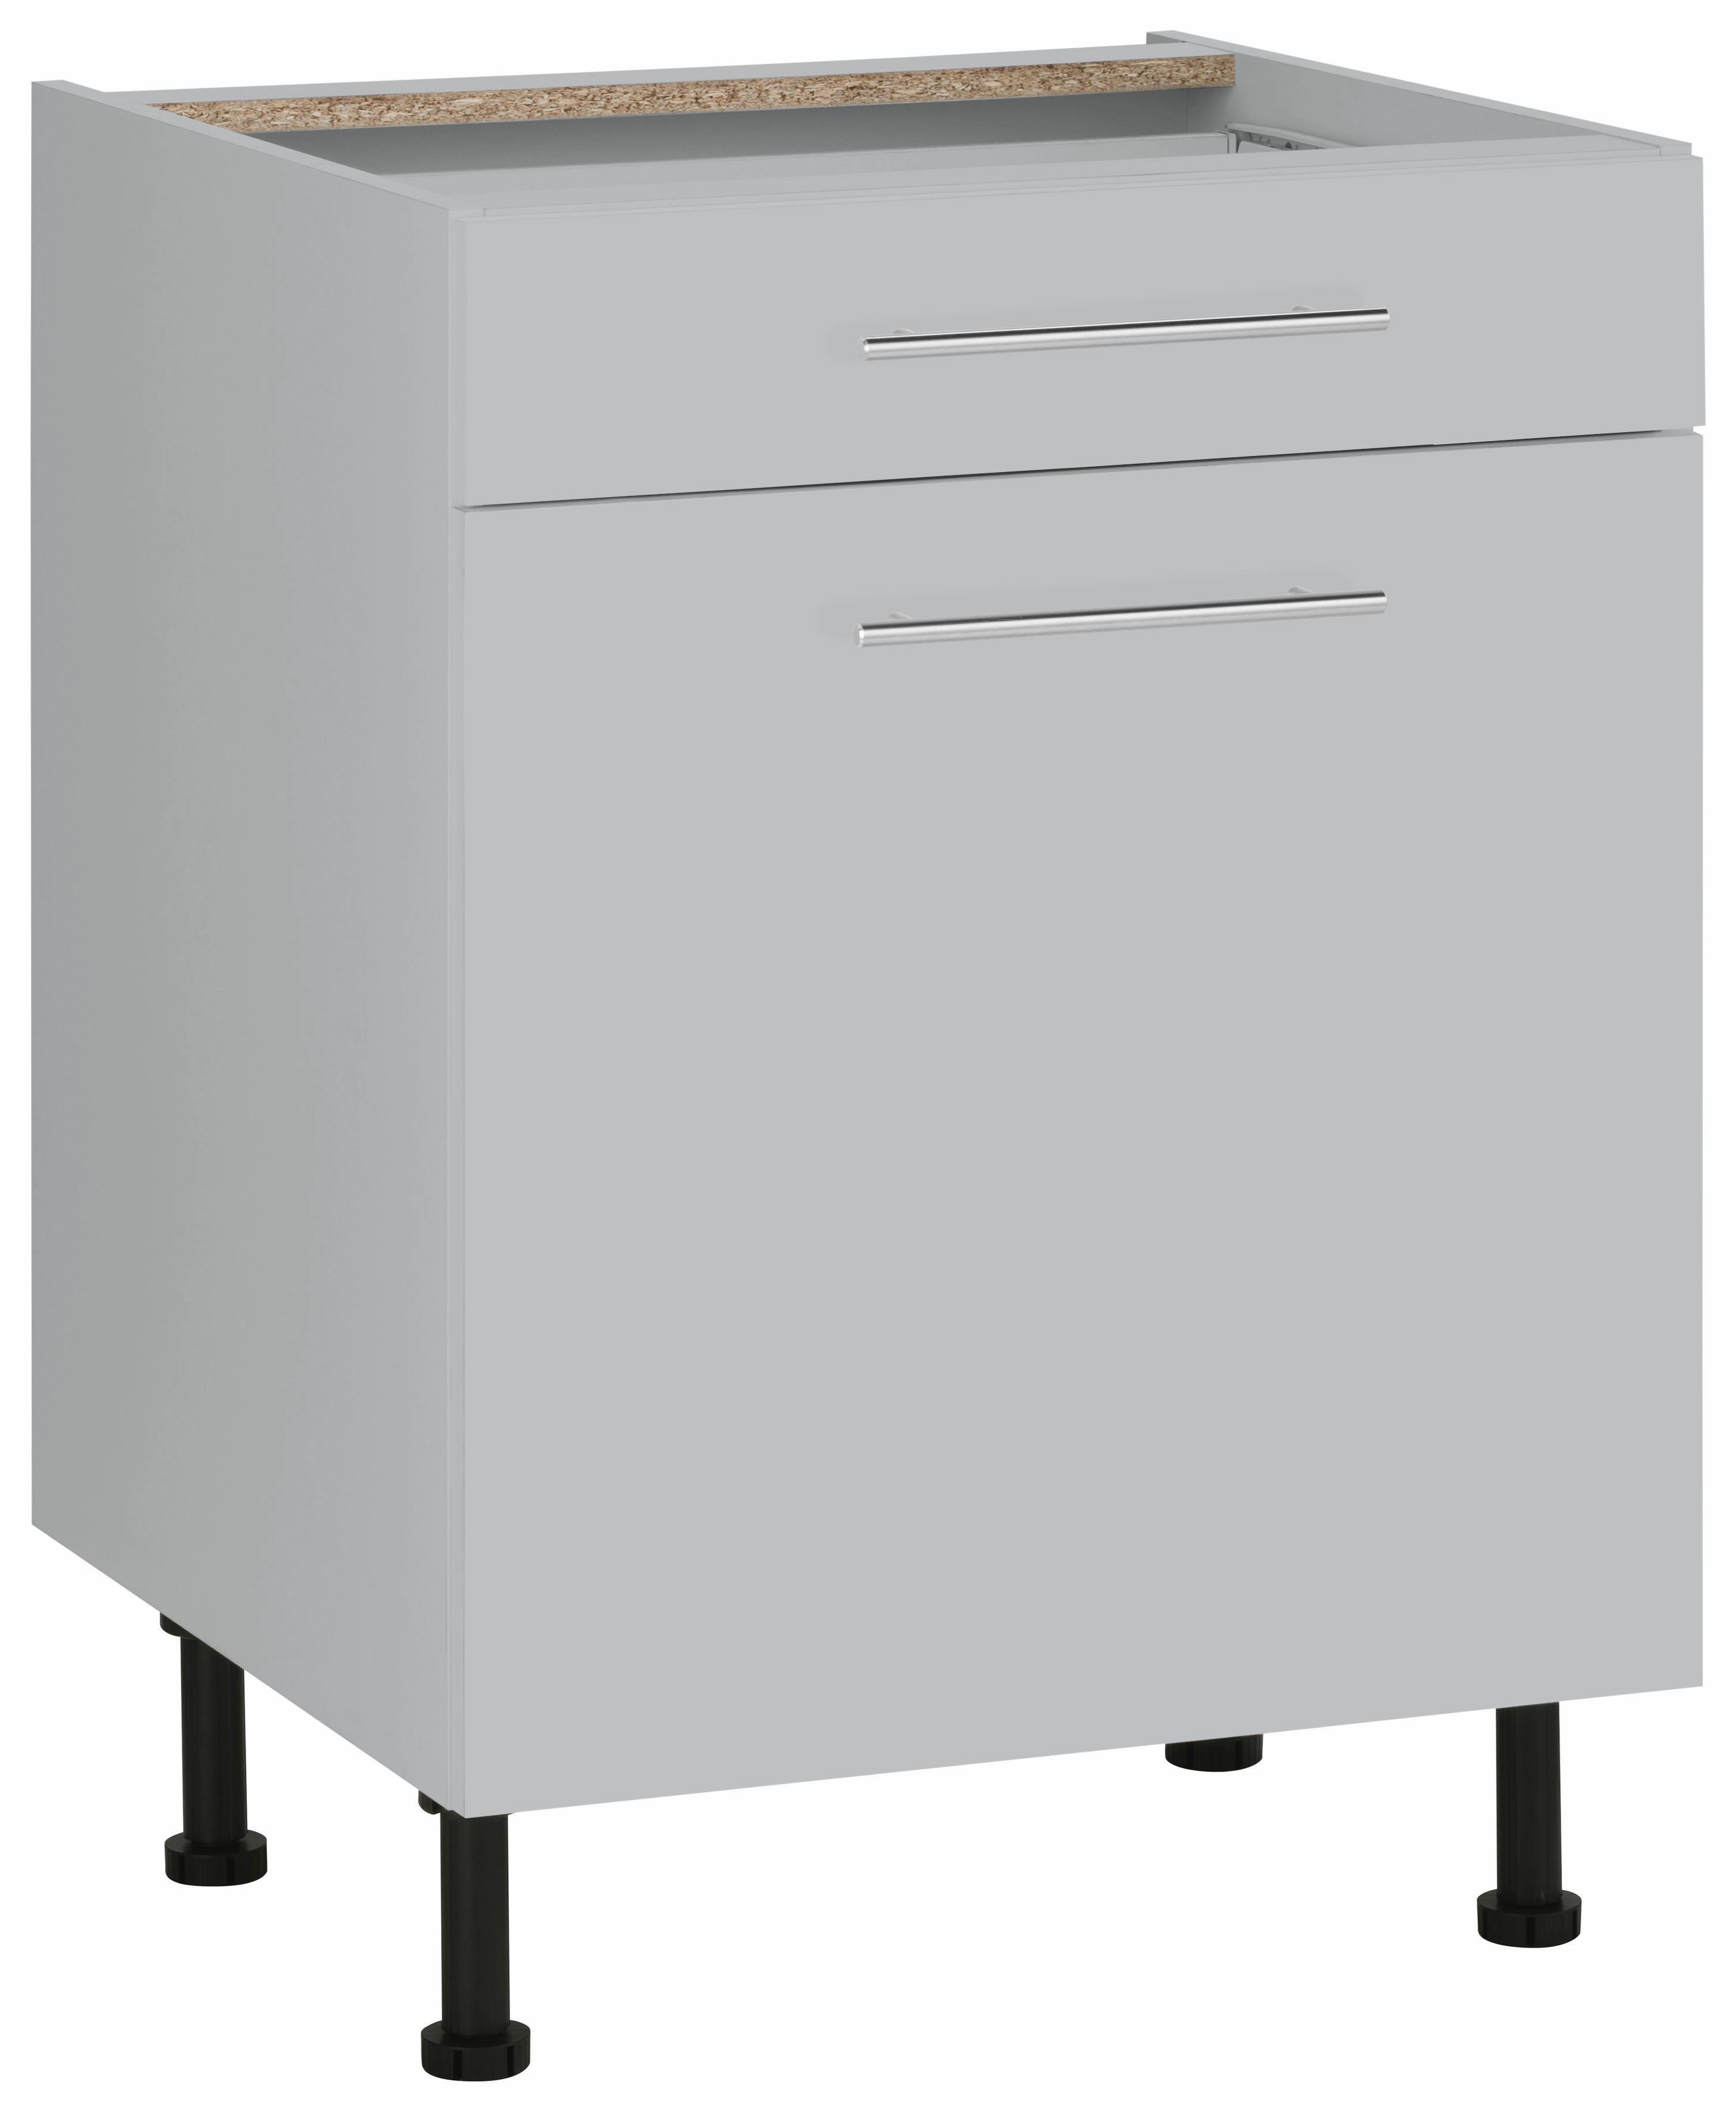 Wiho Küchen Unterschrank Ela Breite 60 Cm Bestellen Baur